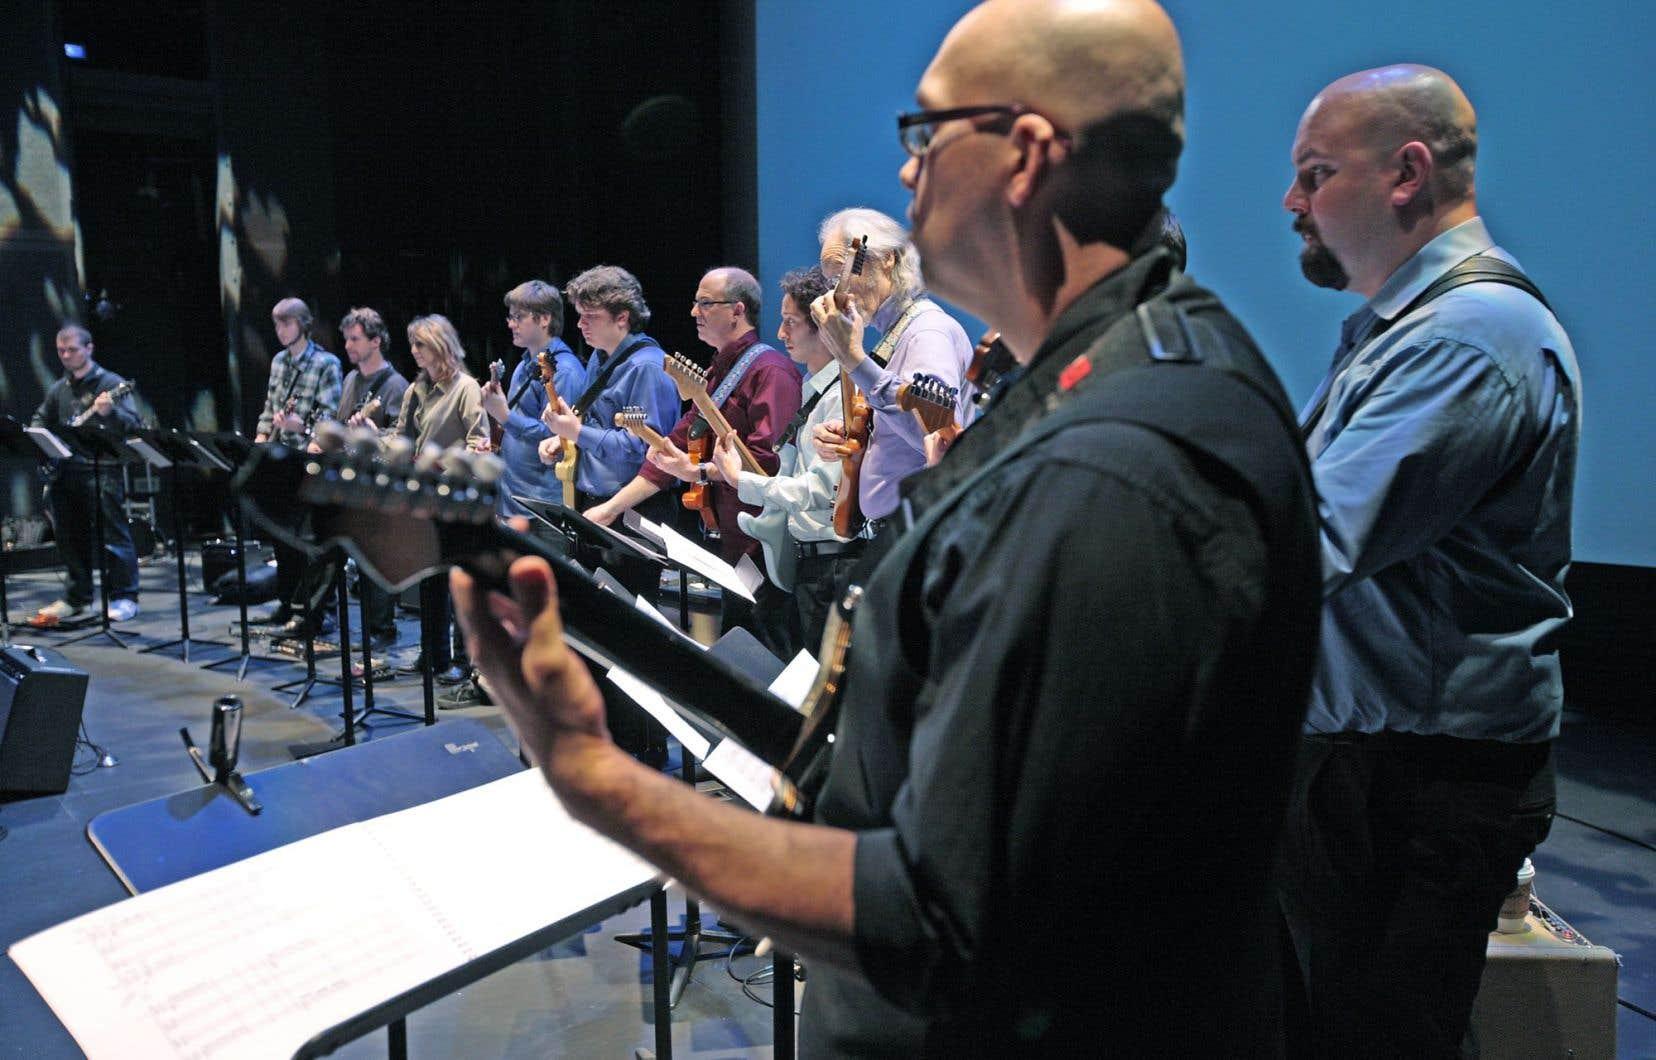 Dimanche 23 novembre, 13 h, au Centre Pierre-Péladeau, chacun apporte sa guitare et son câble, mais l'ampli sera fourni.